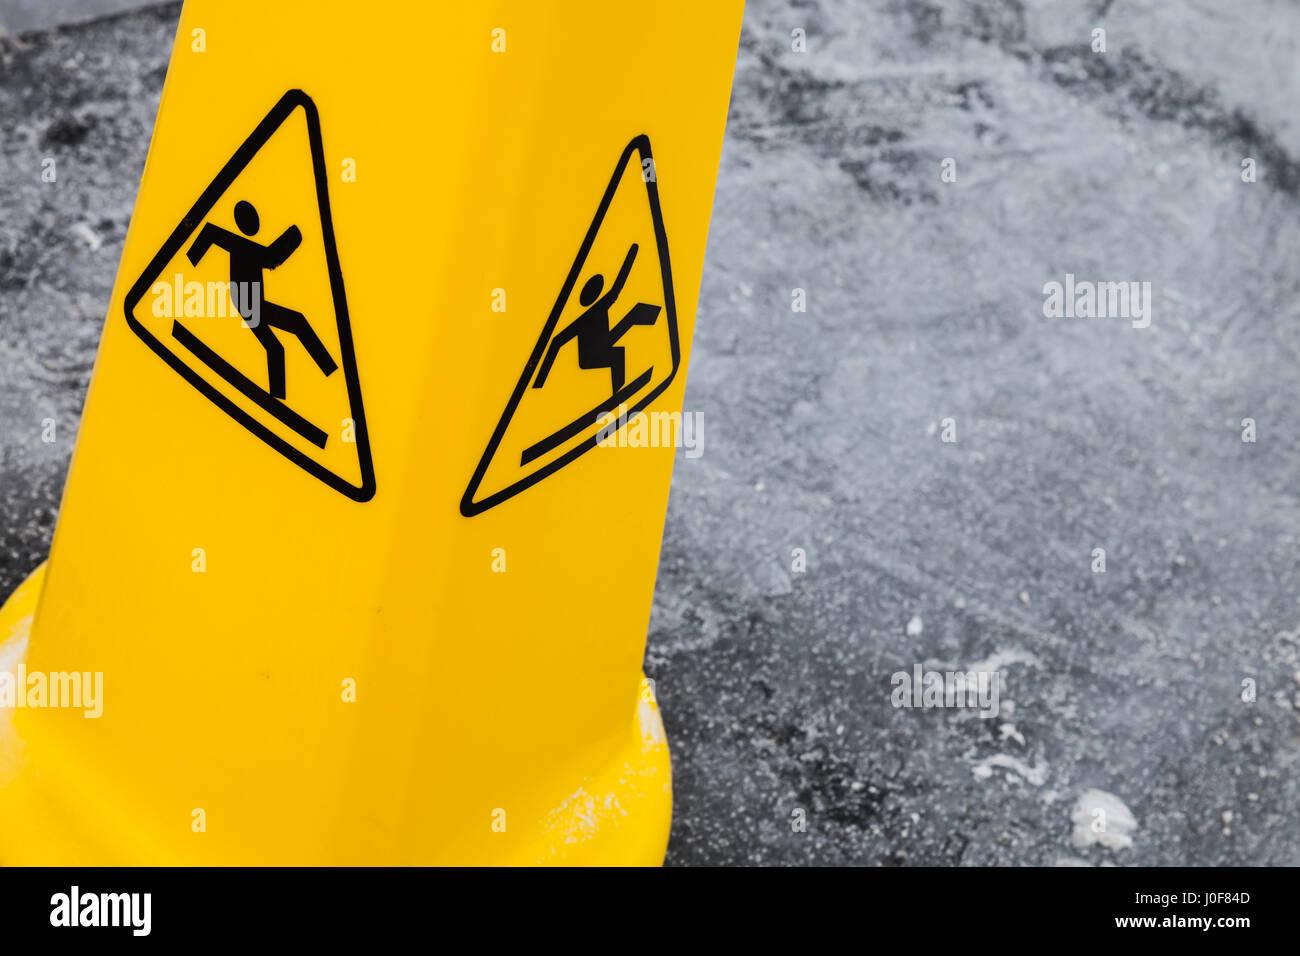 Attenzione pavimento bagnato simbolo giallo di avvertimento si